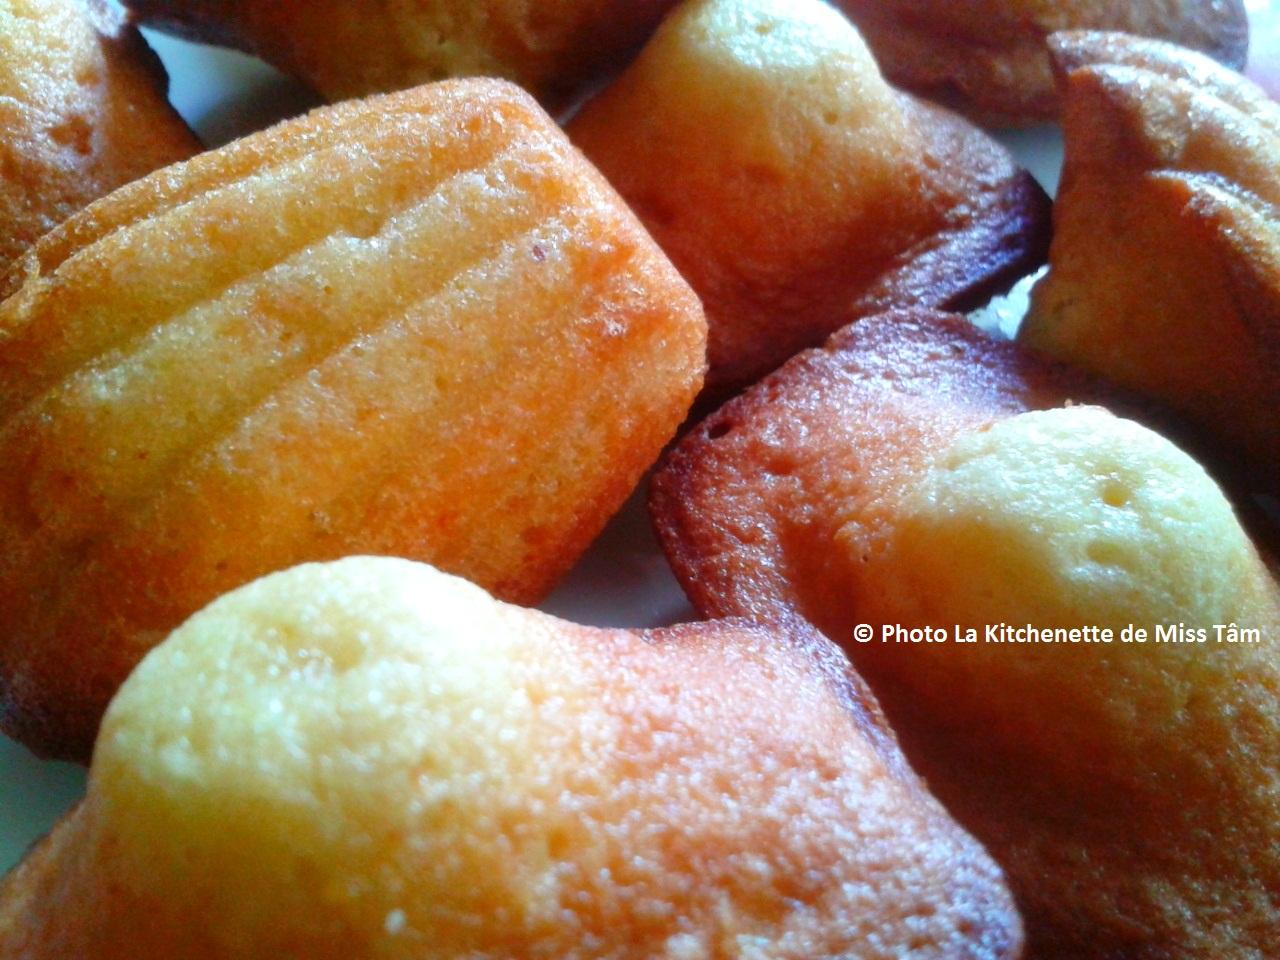 La Kitchenette de Miss Tâm Recette des madeleines